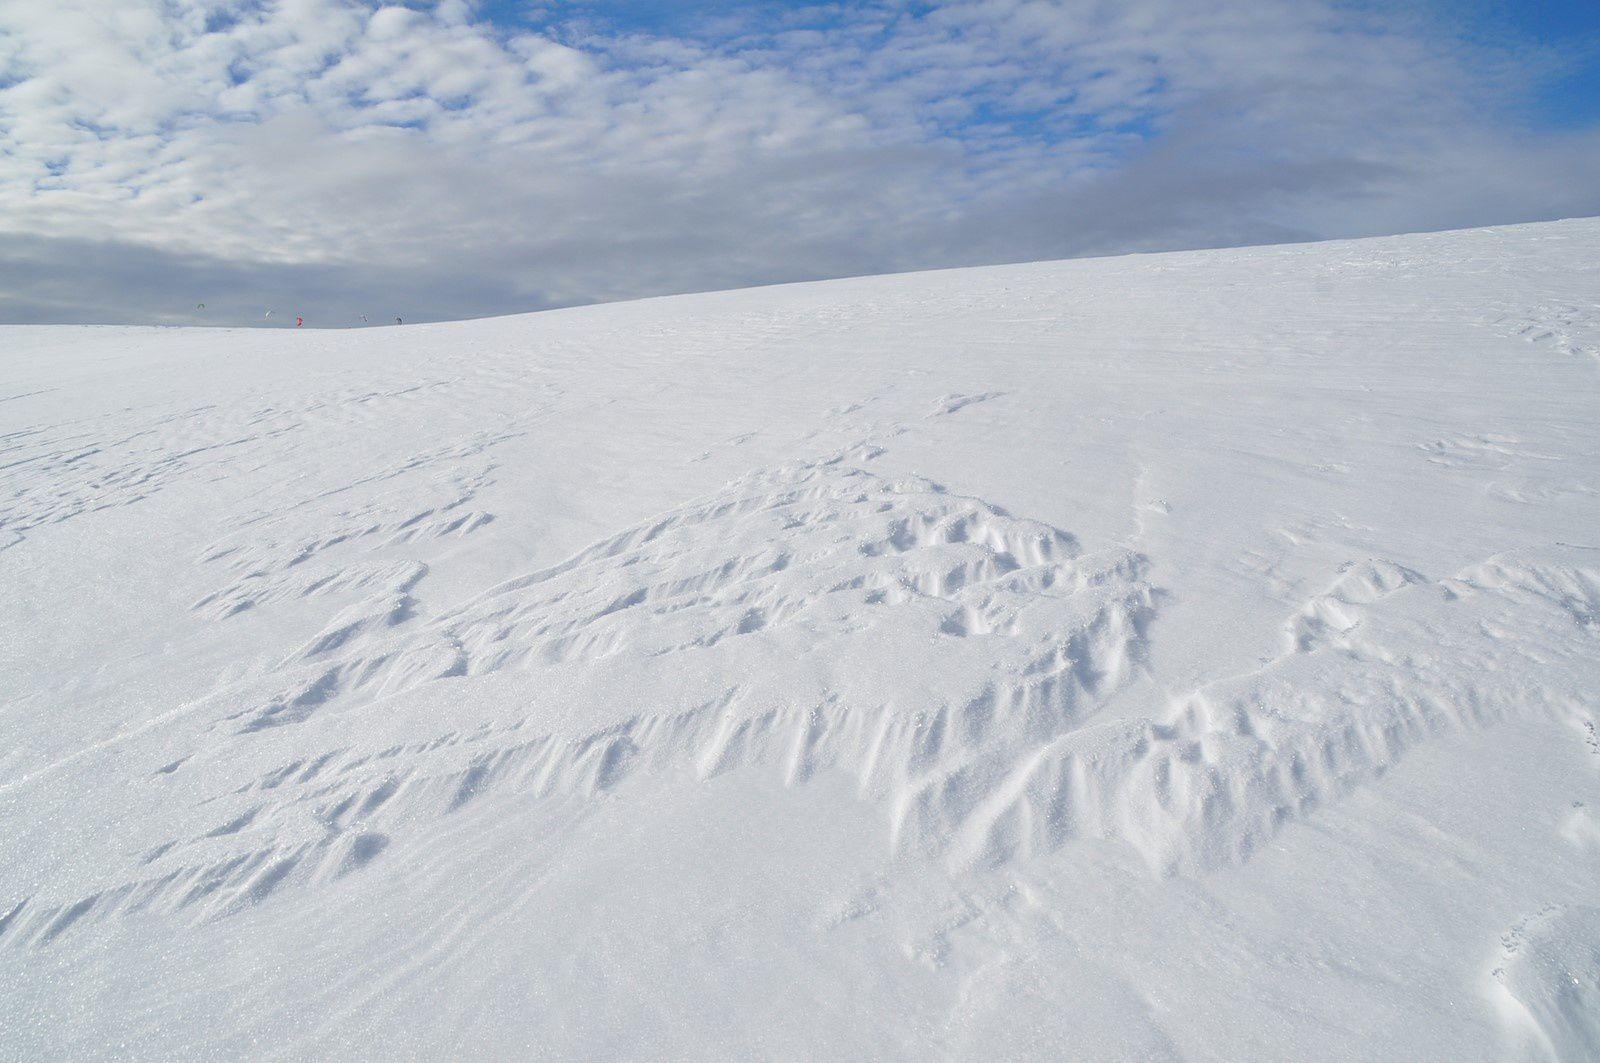 Le tapis moiré de la neige et l'immensité des Htes Chaumes.